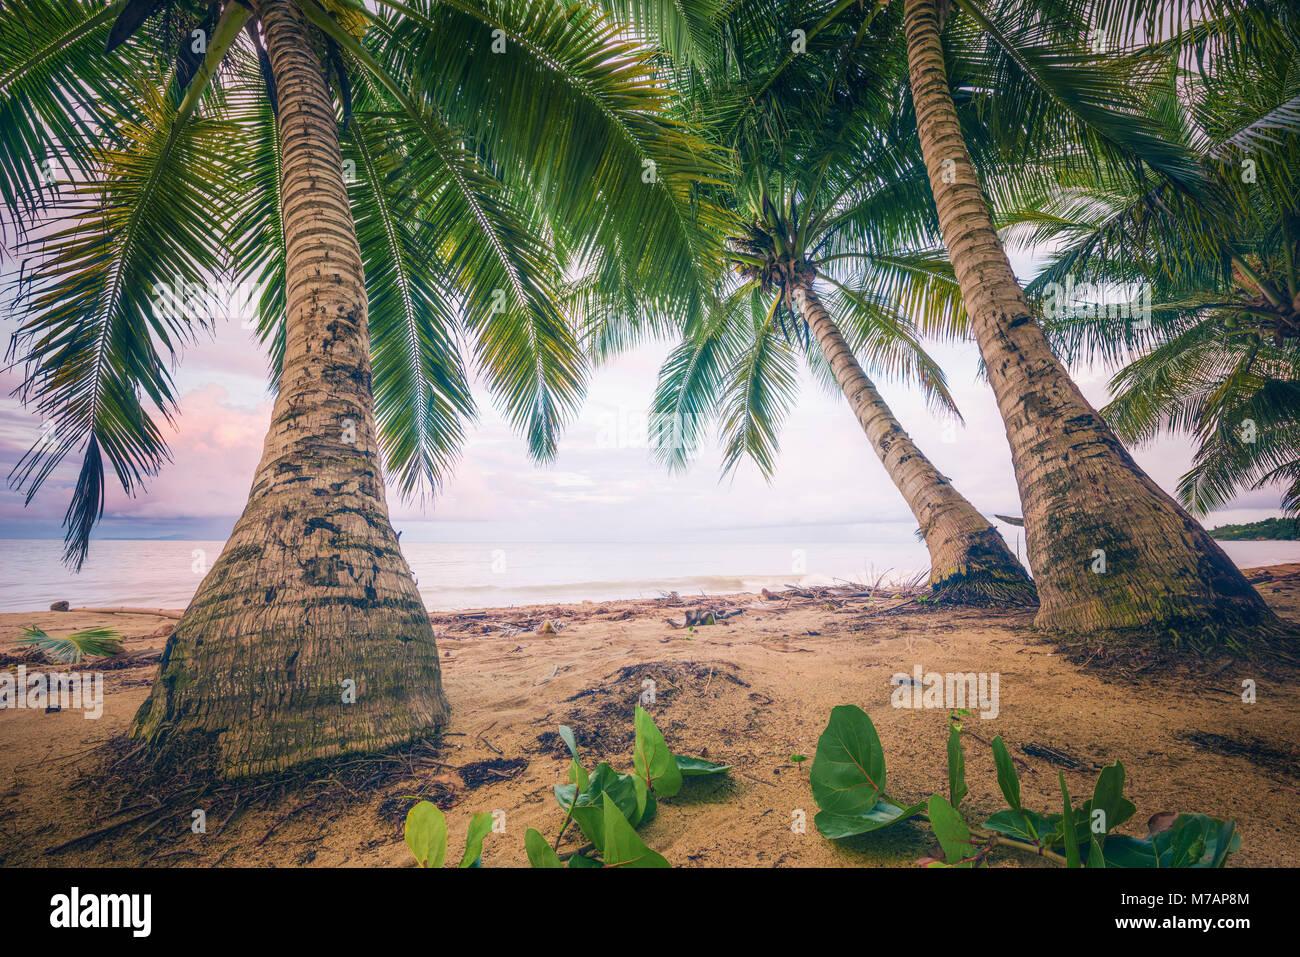 Scène de plage dans un style rétro sur l'île des Caraïbes Puerto Rico Photo Stock